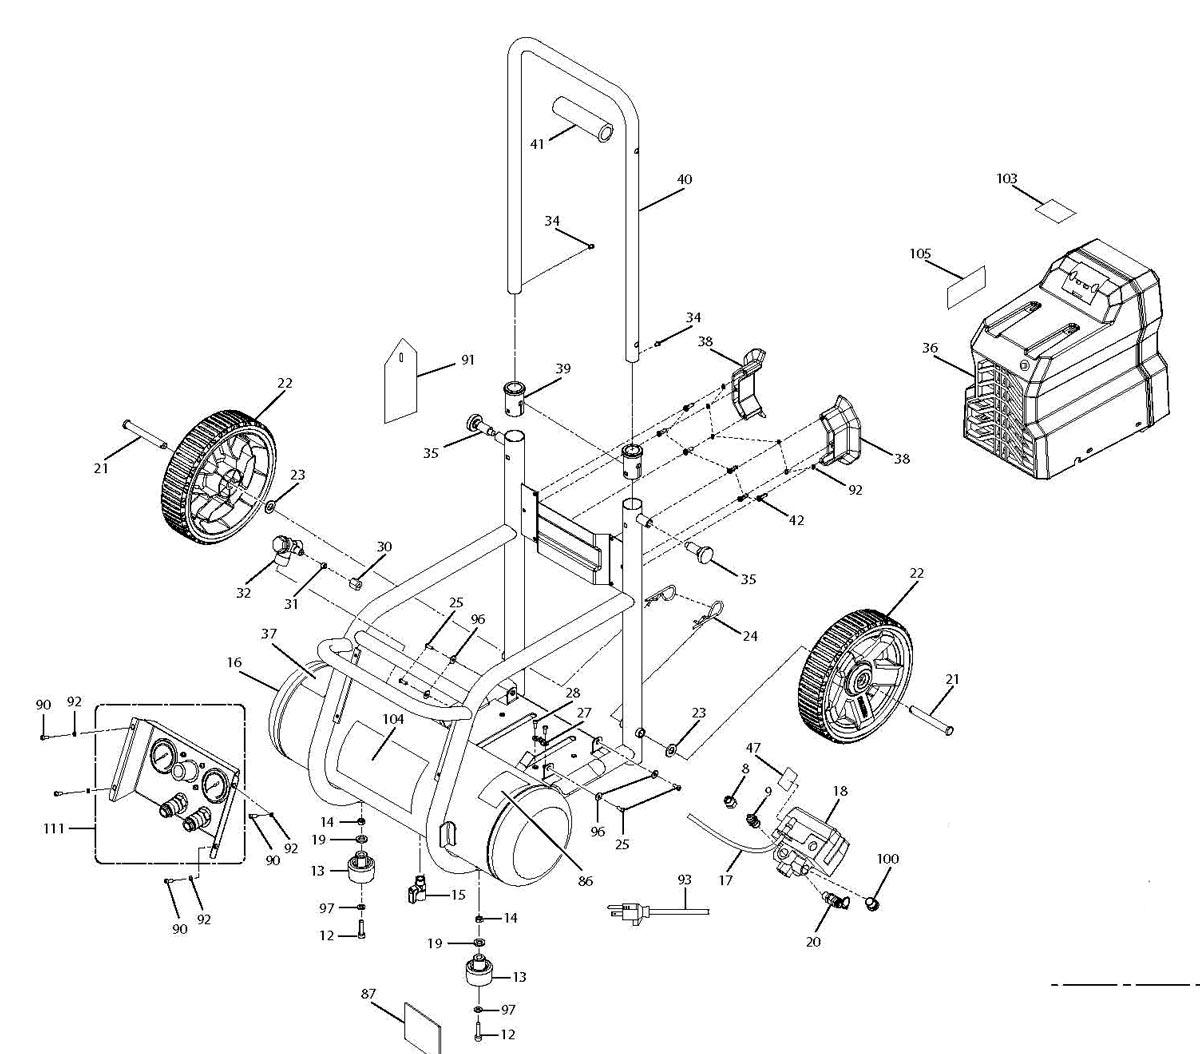 air compressor pumps ridgid compressors. Black Bedroom Furniture Sets. Home Design Ideas